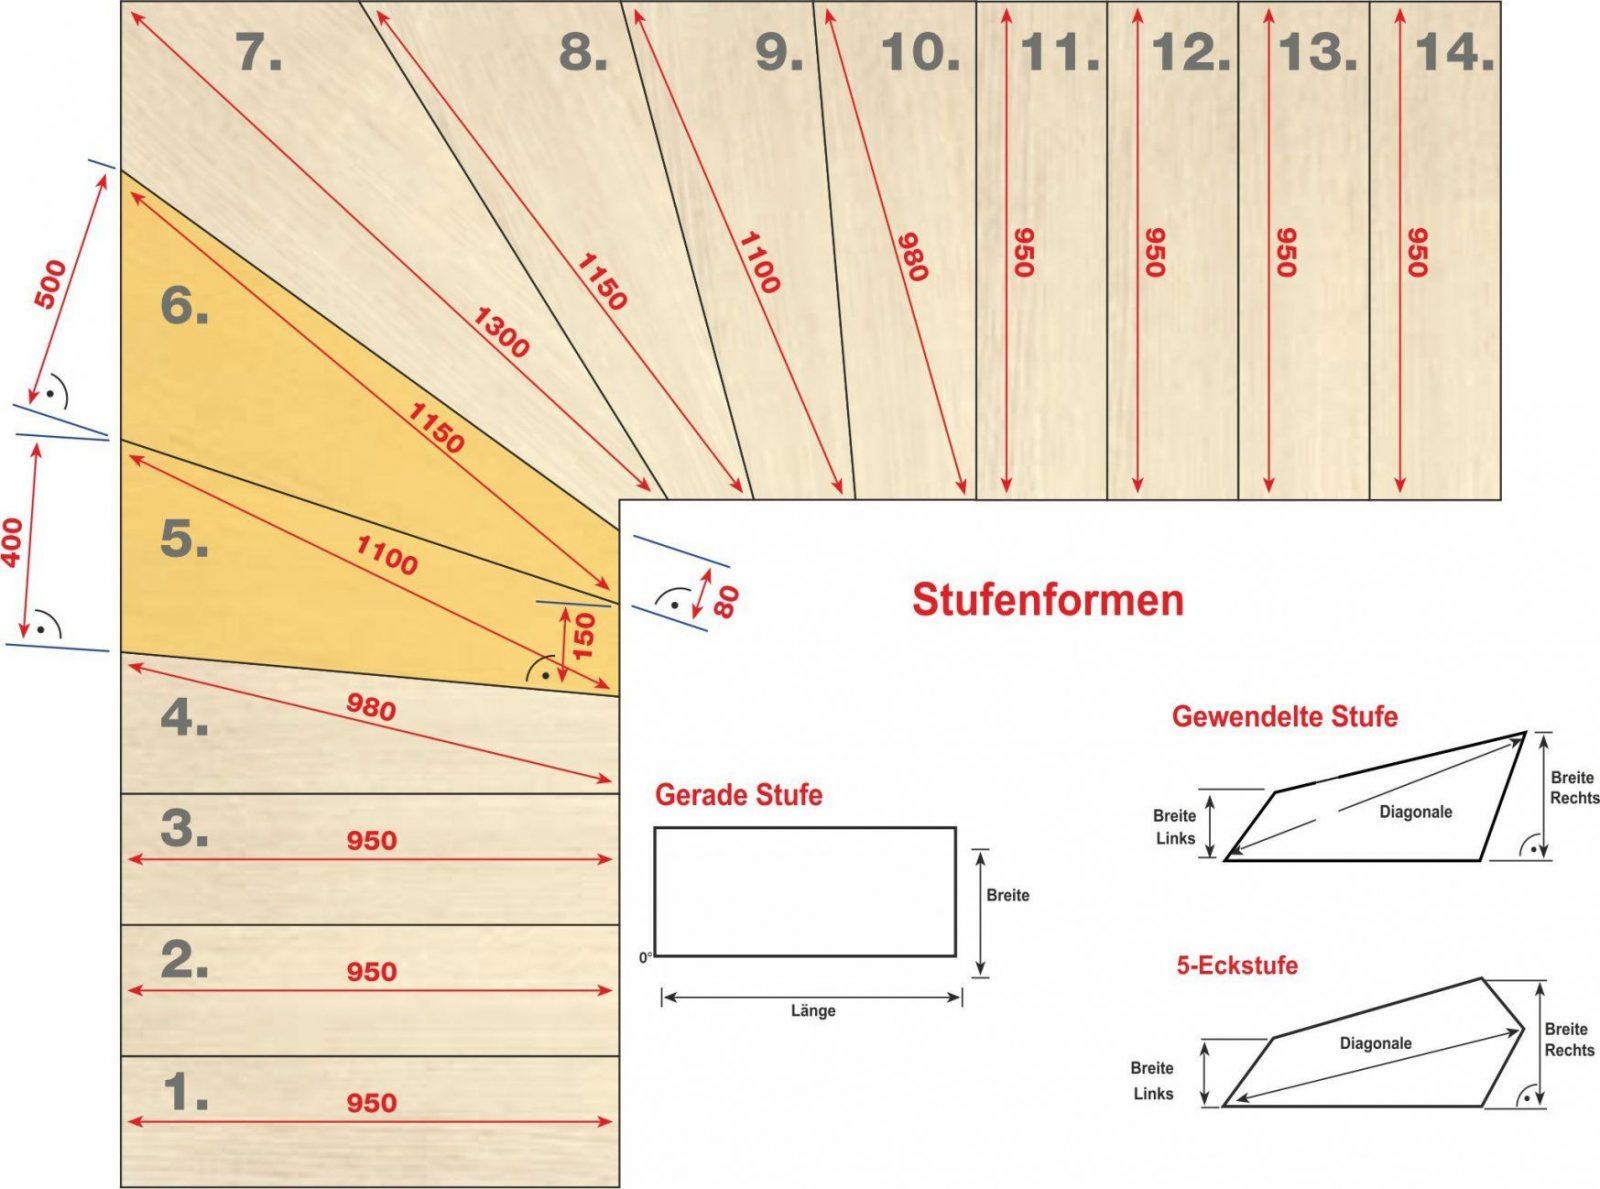 Verwunderlich 1 2 Gewendelte Treppe Konstruieren Treppe Mit Podest von Treppe Mit Podest Berechnen Photo